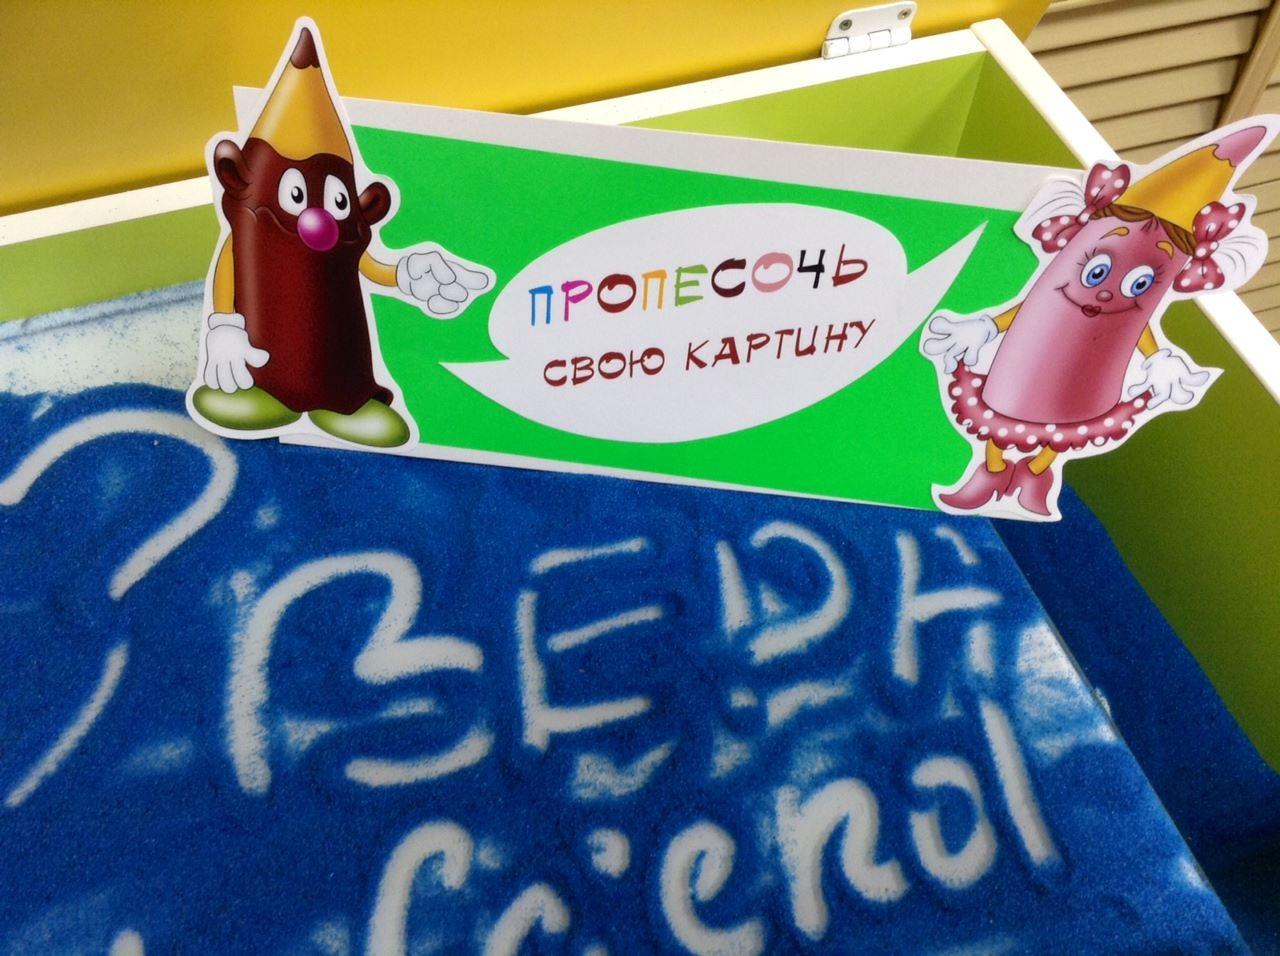 """Песочный стол и надпись """"Пропесочь свою картину"""""""